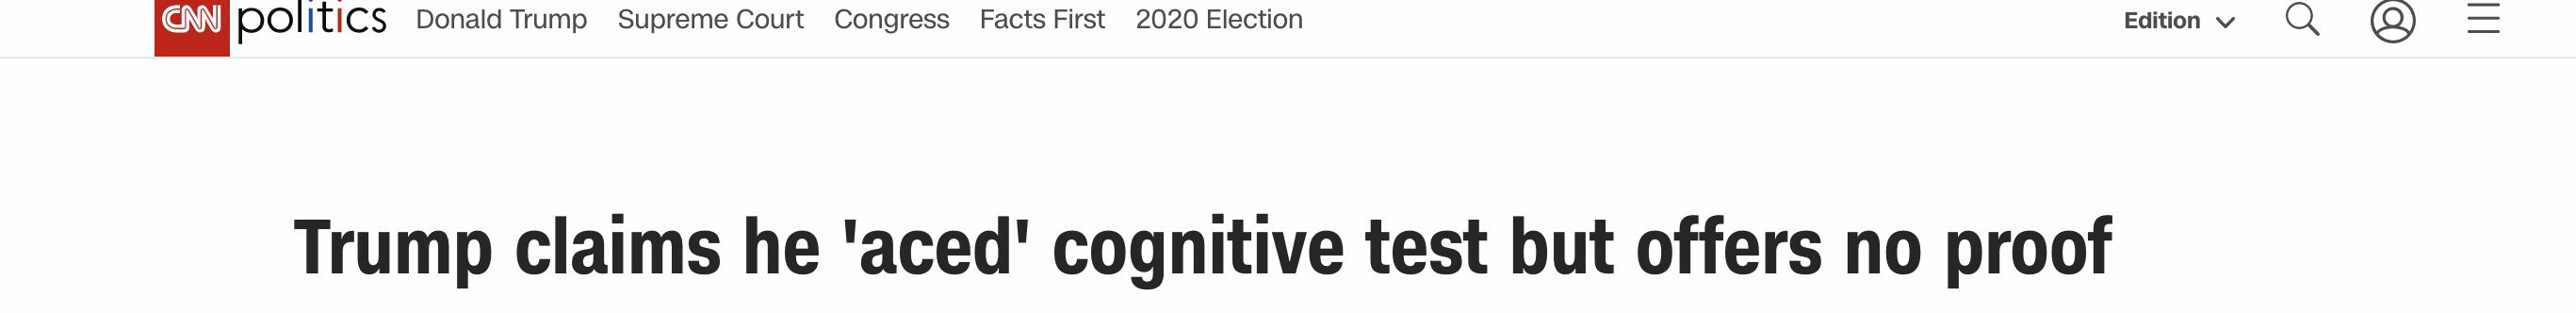 特朗普自曝参加认知测验,吹嘘医生对结果感到惊讶